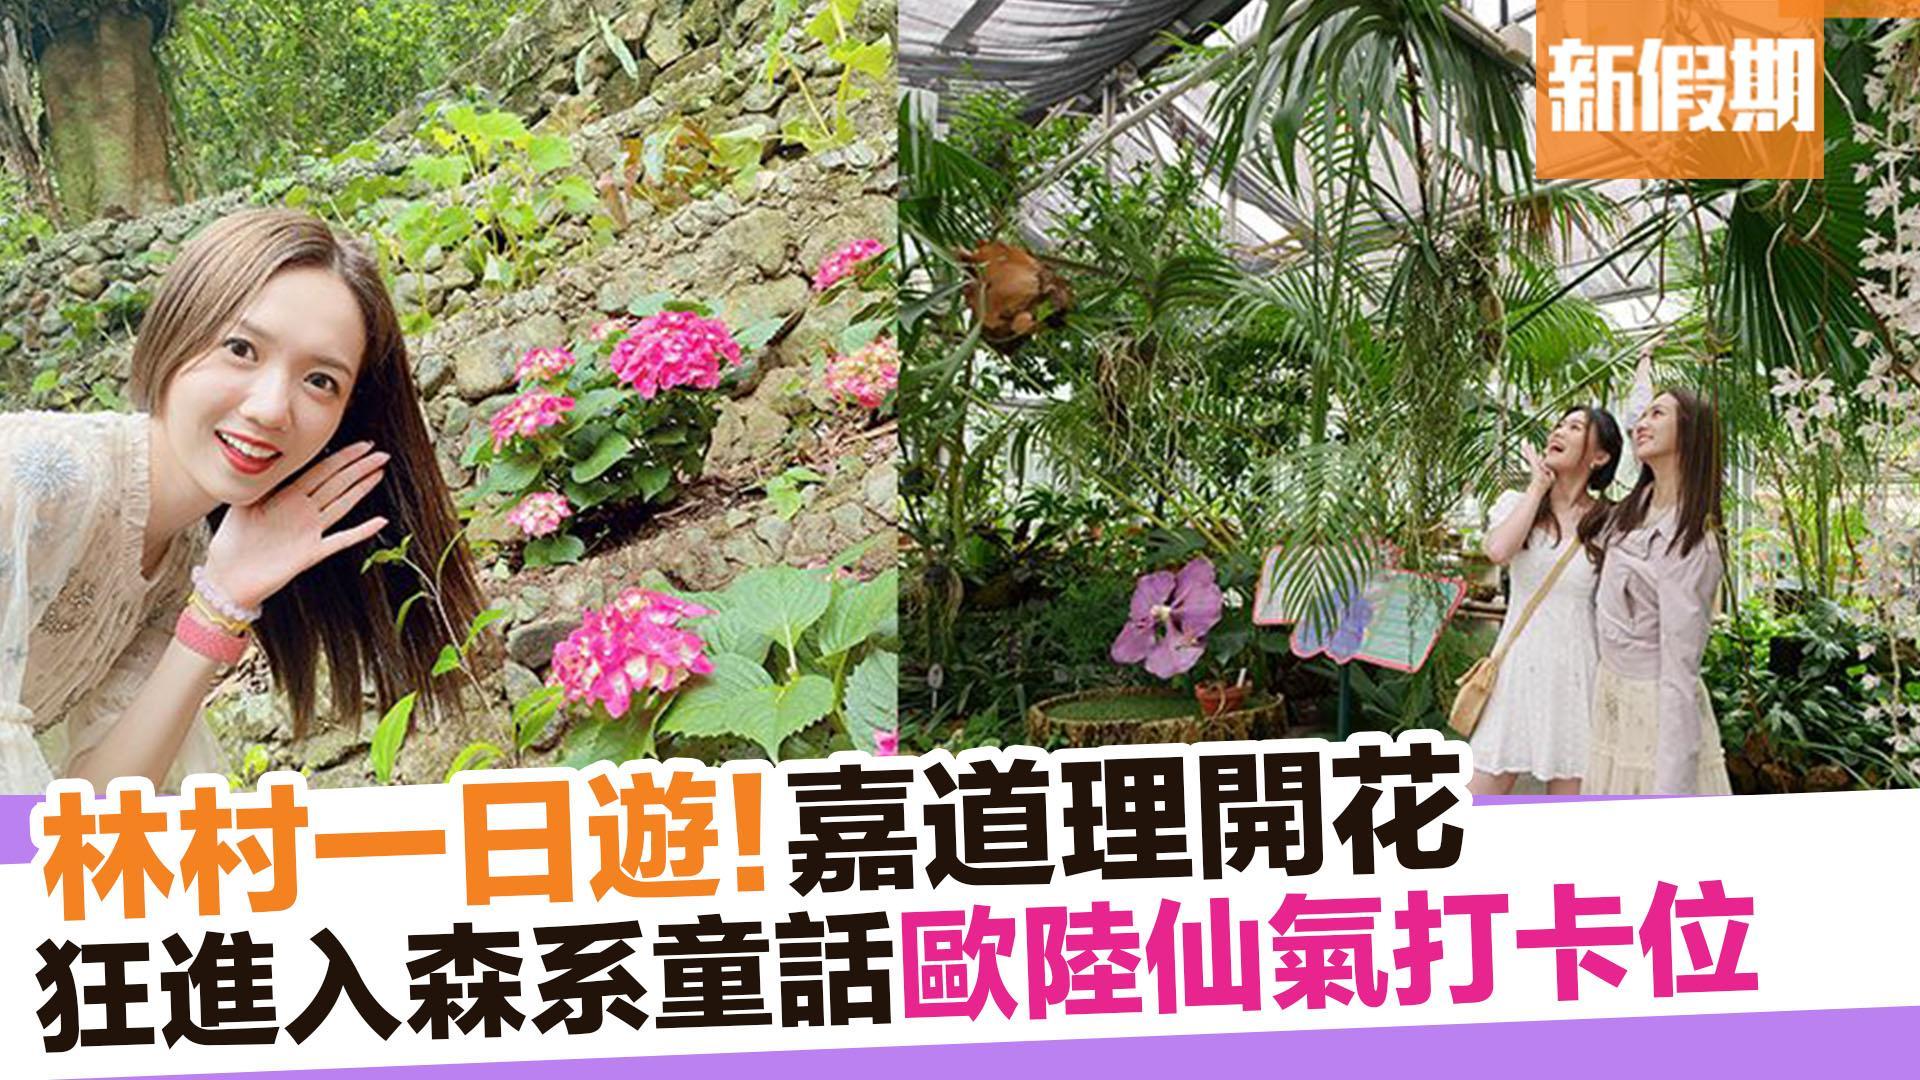 【周末遊懶人包】嘉道理農場賞花+歐陸園林風美食餐廳 新假期